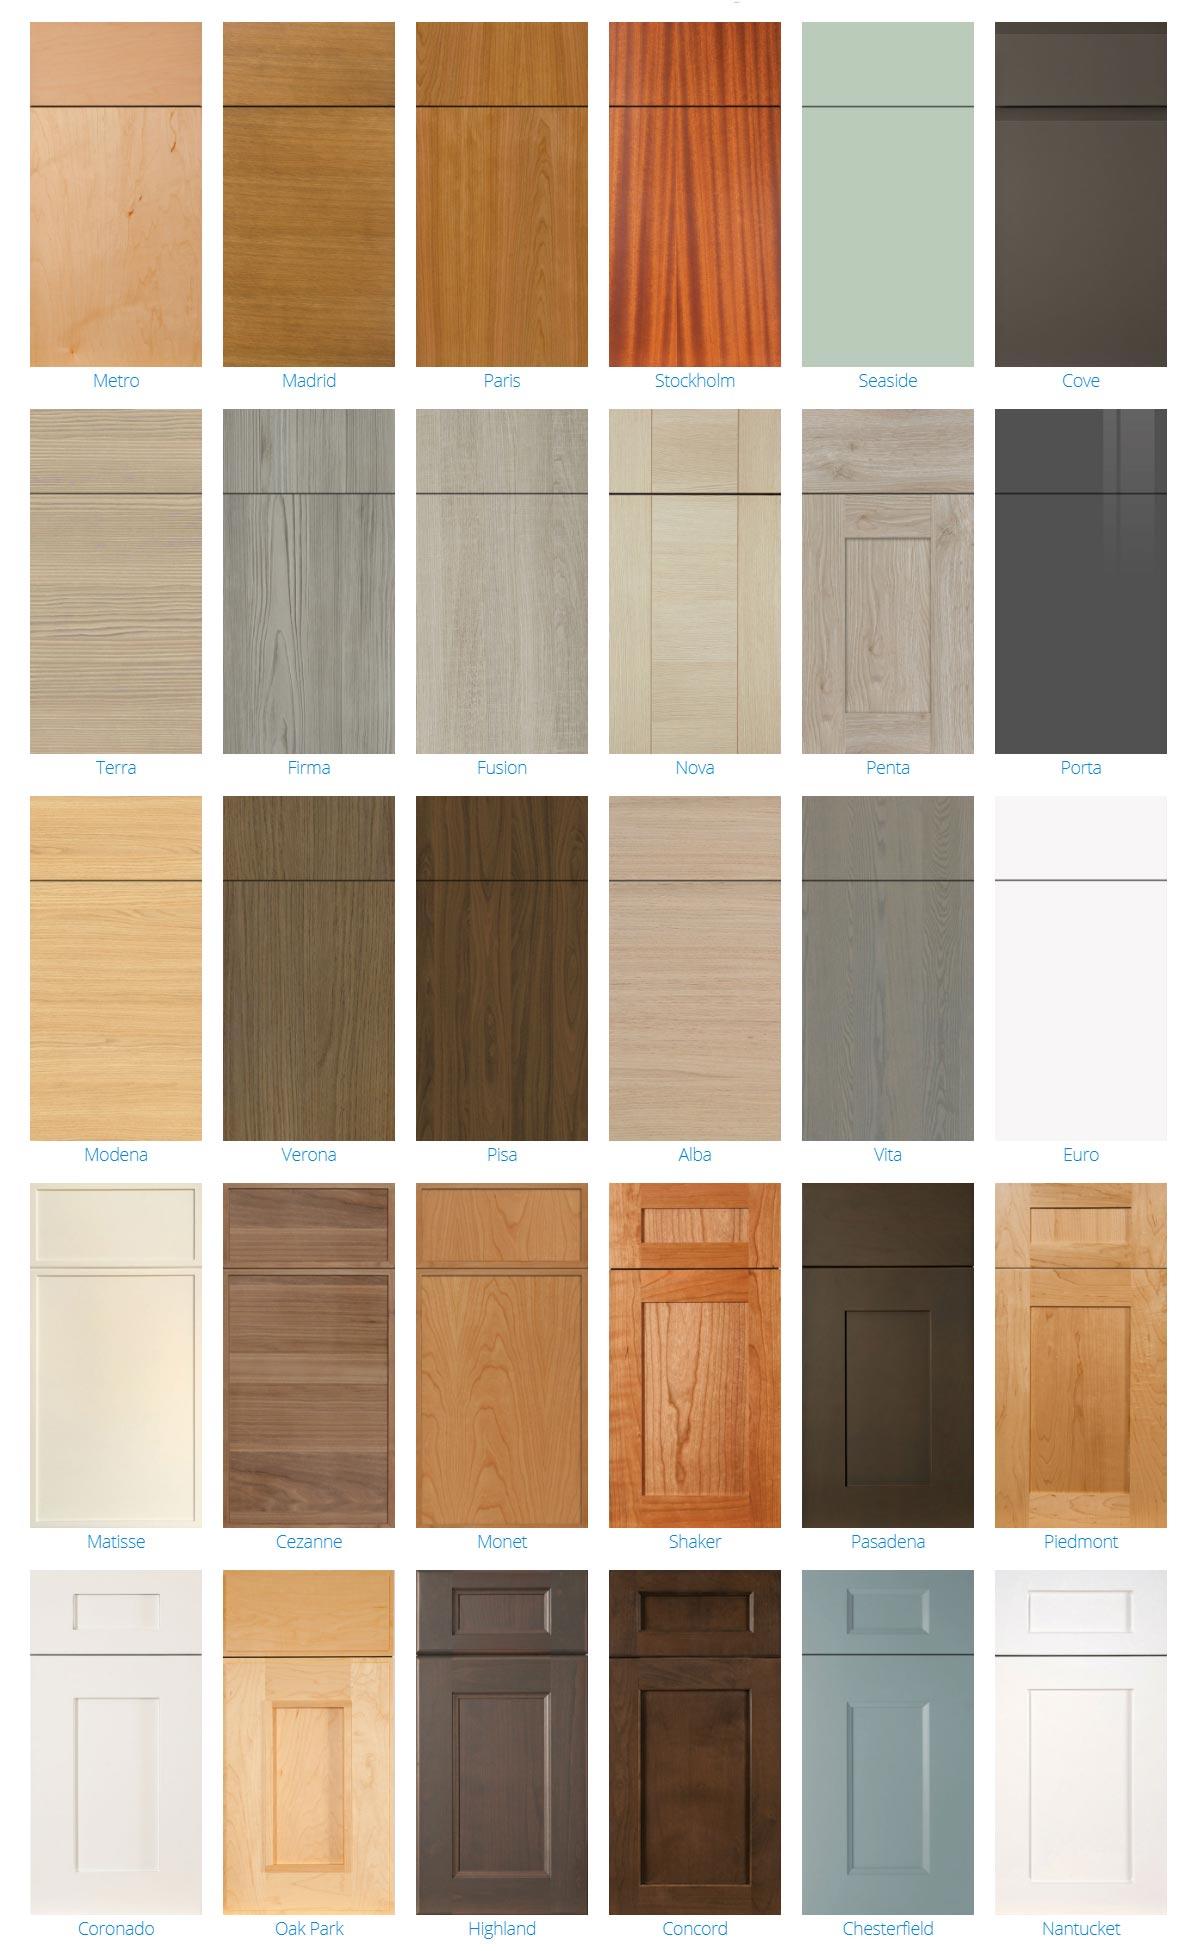 2900 Series Cabinet Door Styles